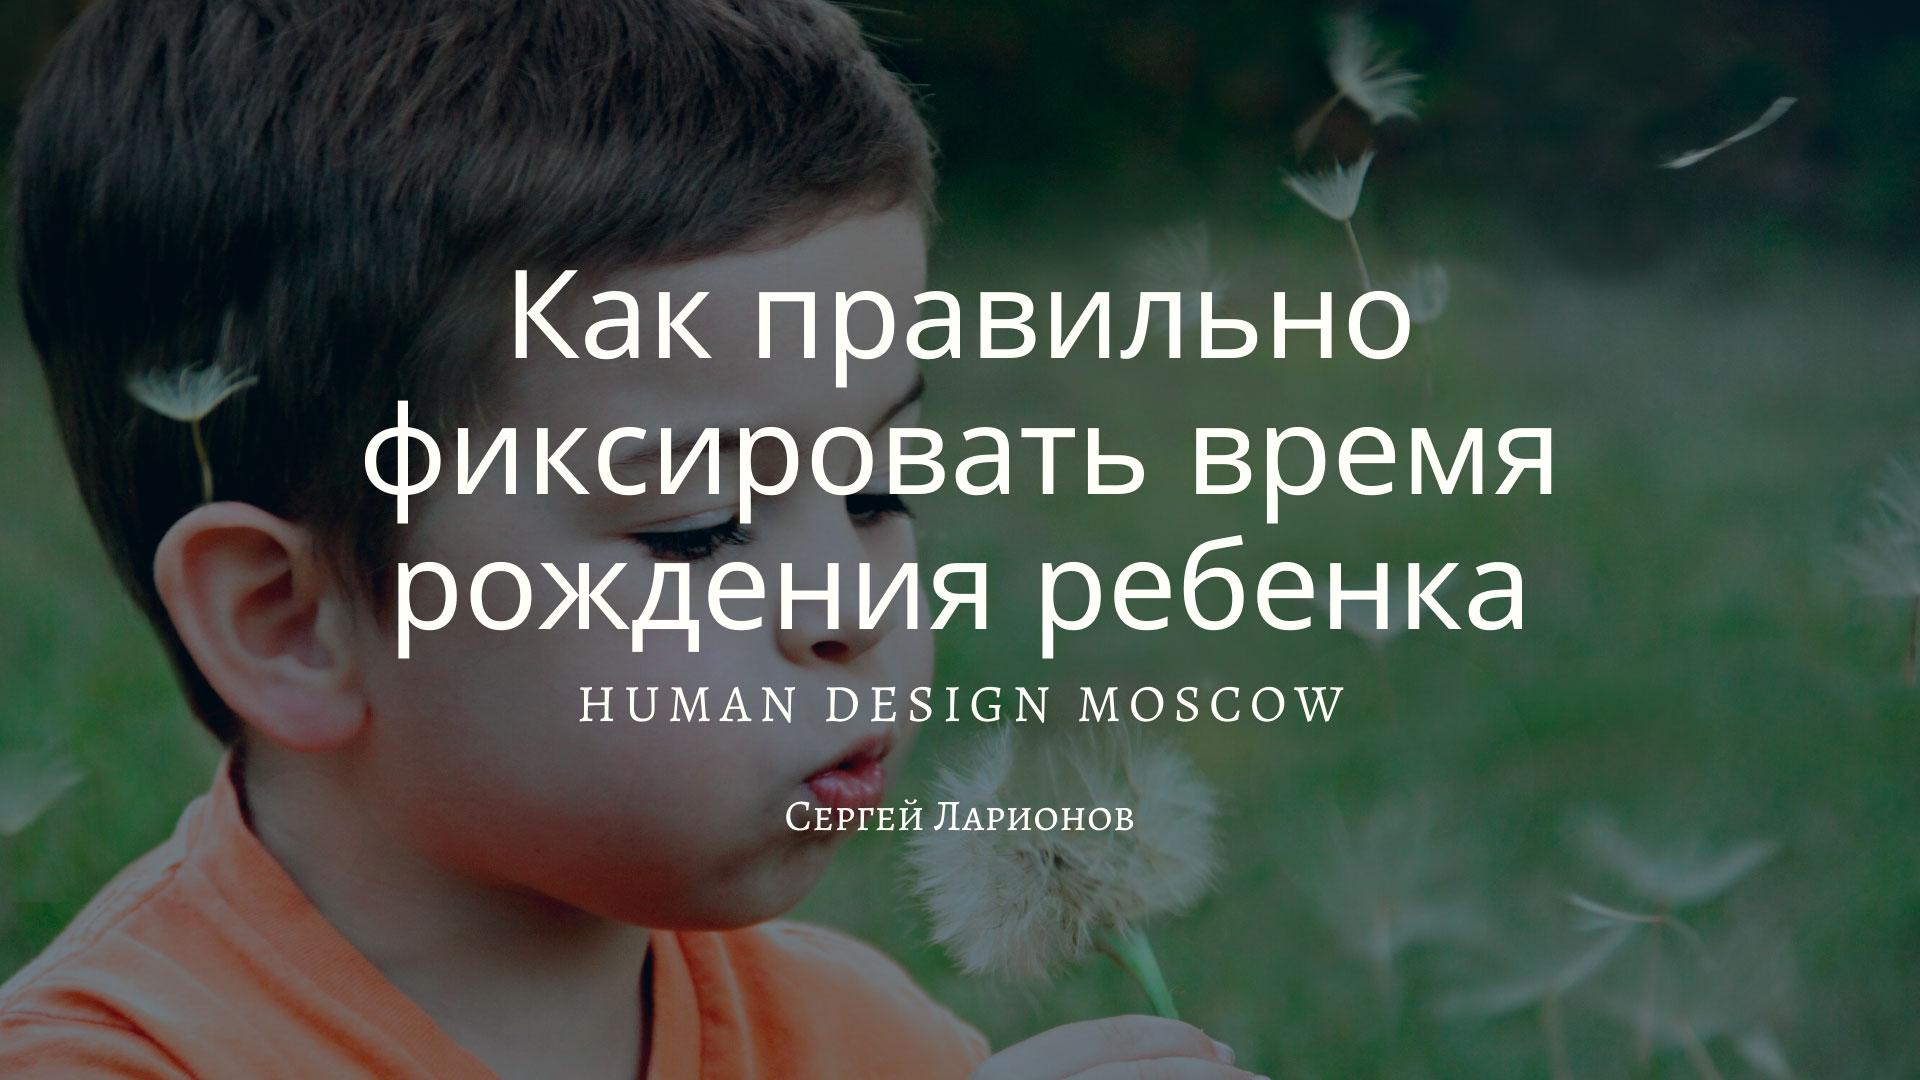 Как правильно фиксировать время рождения ребенка Дизайн Человека Москва